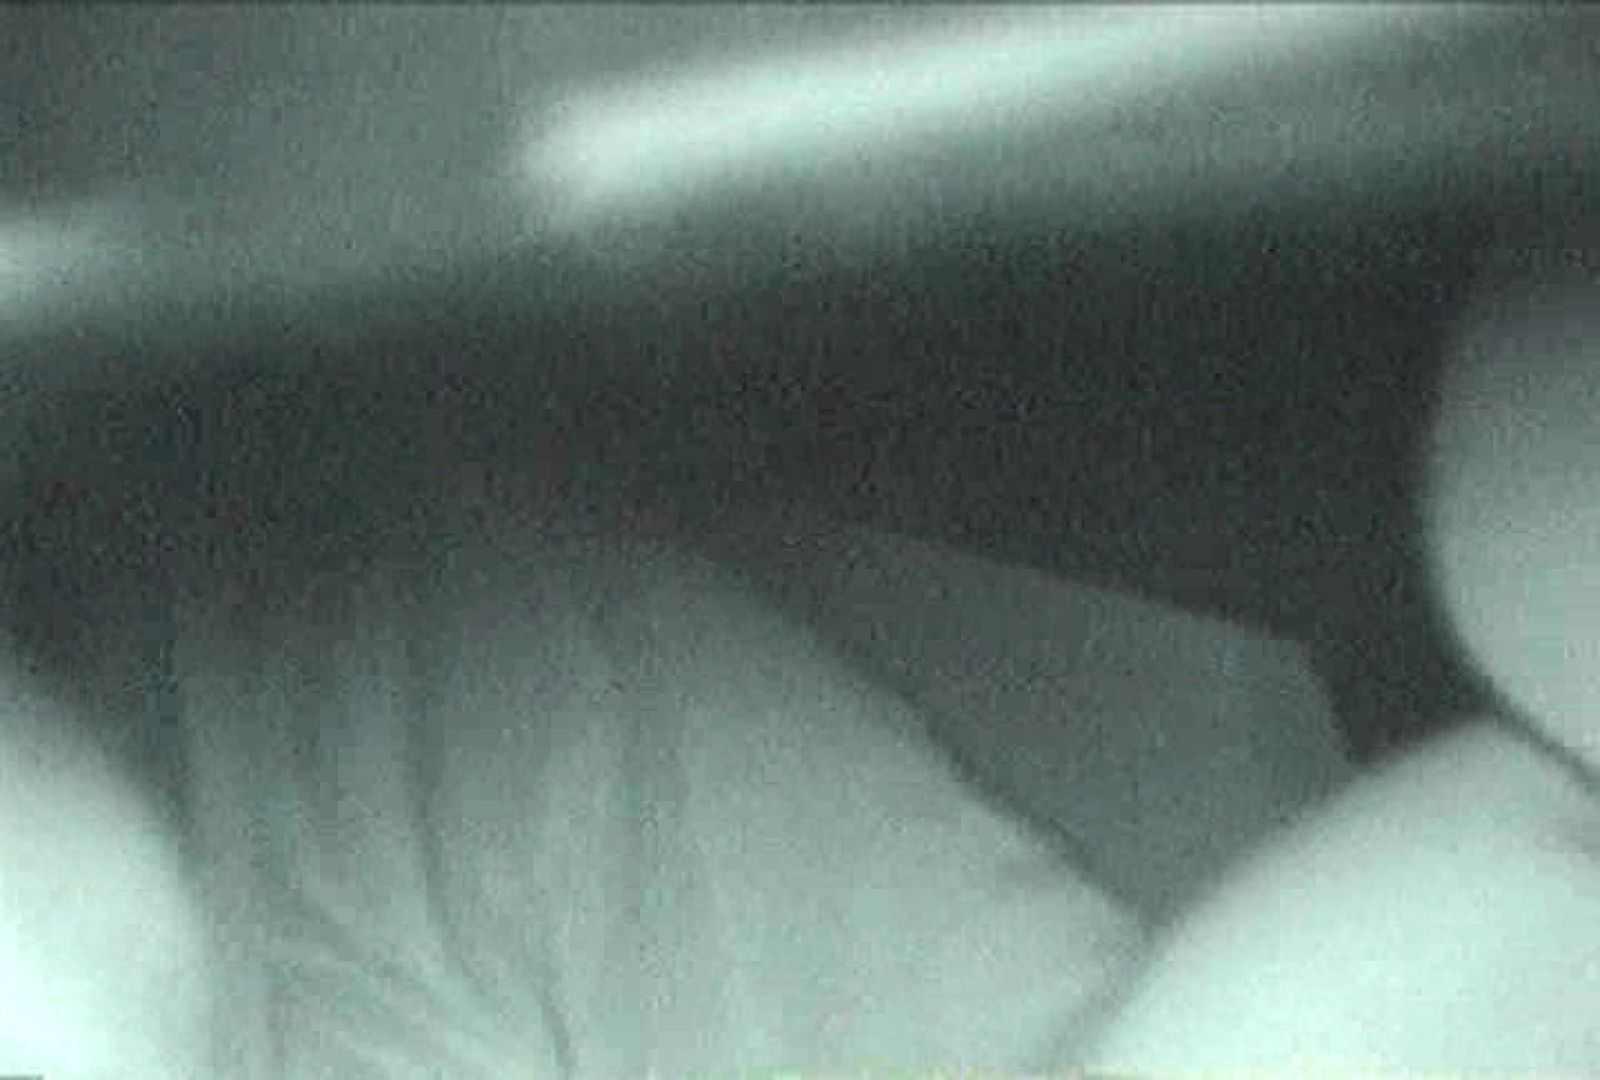 充血監督の深夜の運動会Vol.83 すけべなOL | 手マン  87画像 49